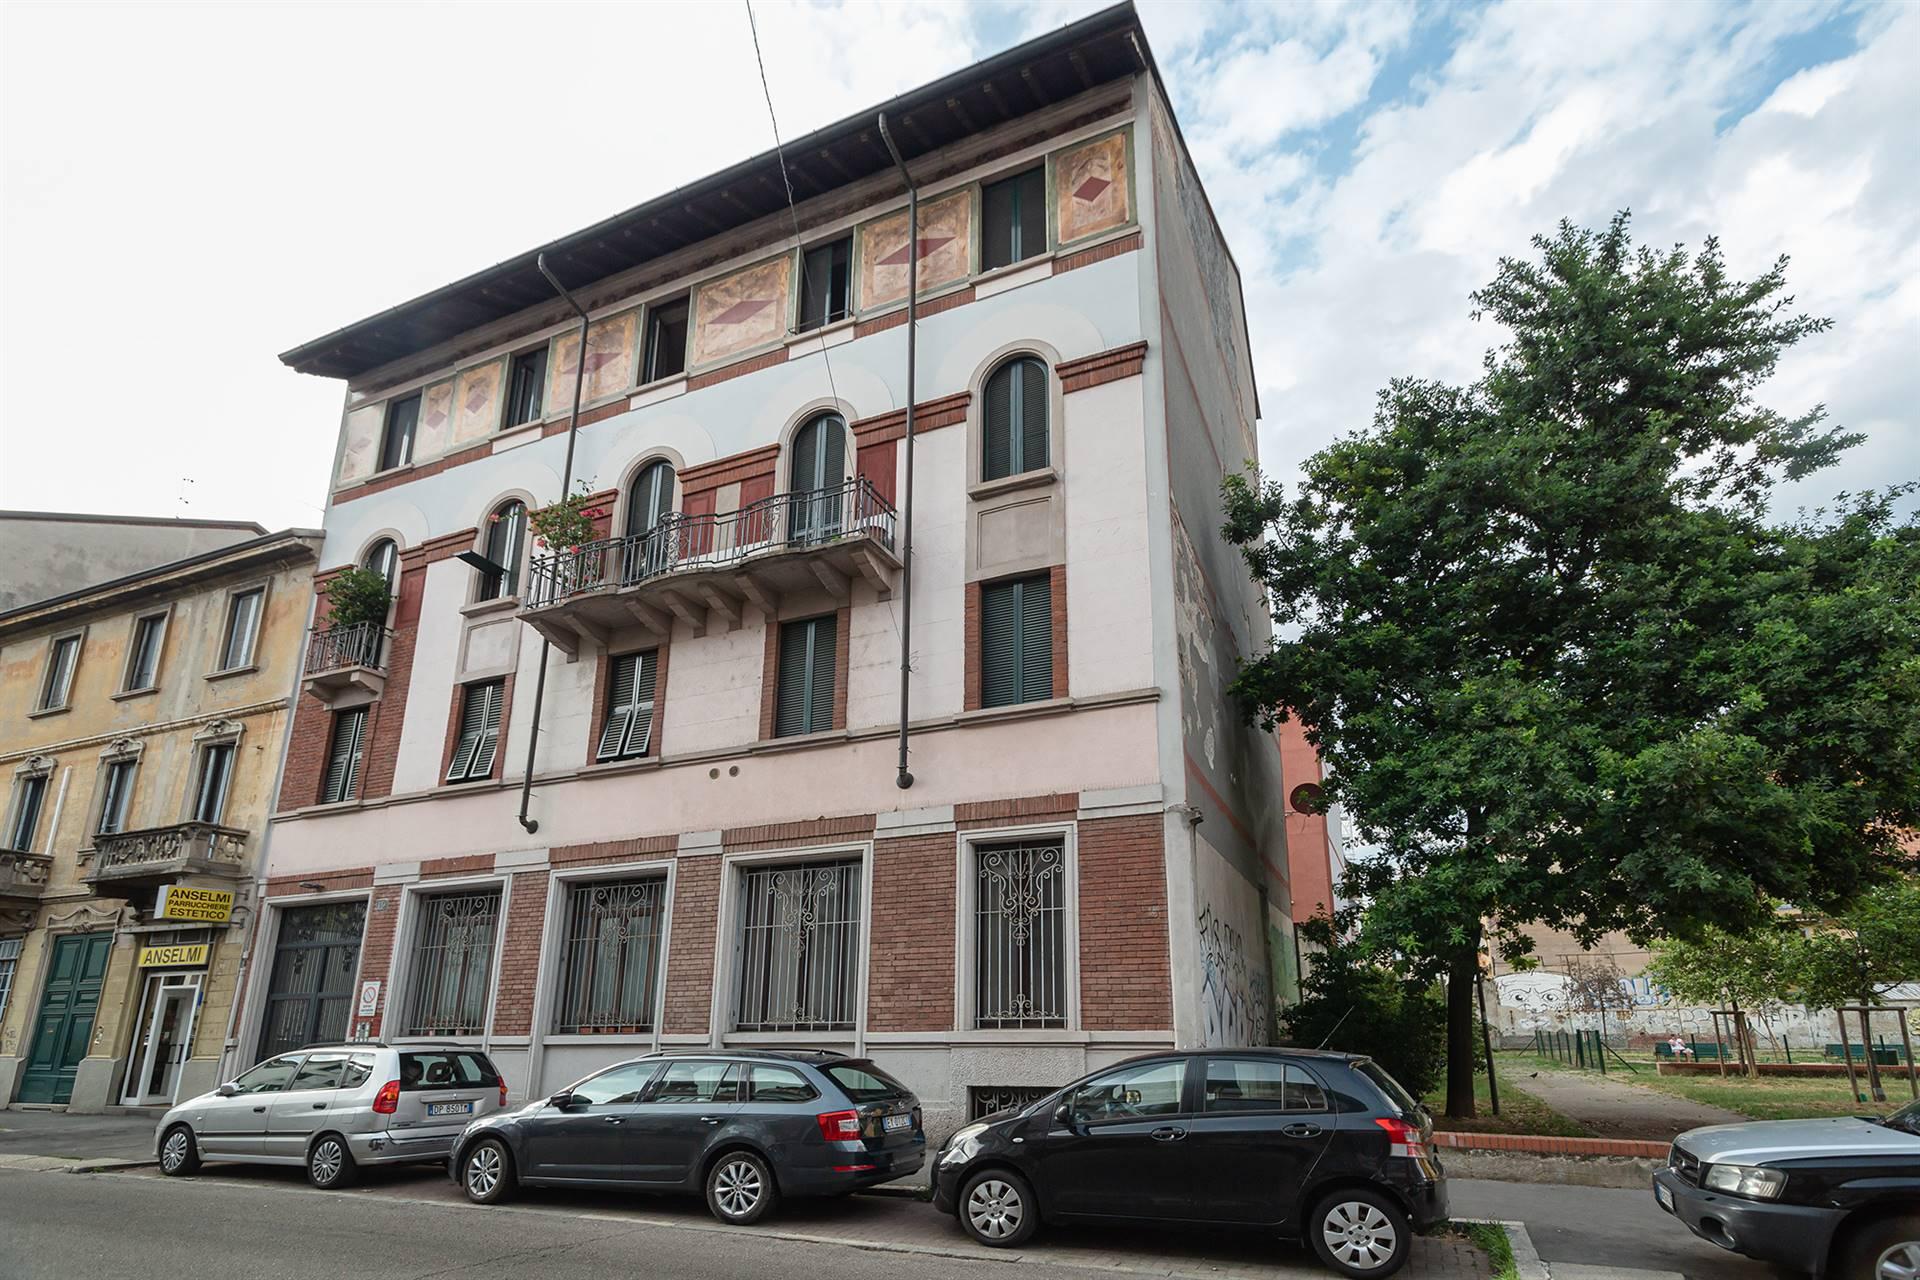 VIA DE SANCTIS, Milano, tra gli storici quartieri Morivioni e Stadera e a due passi dall'affascinante Naviglio Pavese, proponiamo un ampio e luminoso loft residenziale, in ottimo stato, completamente